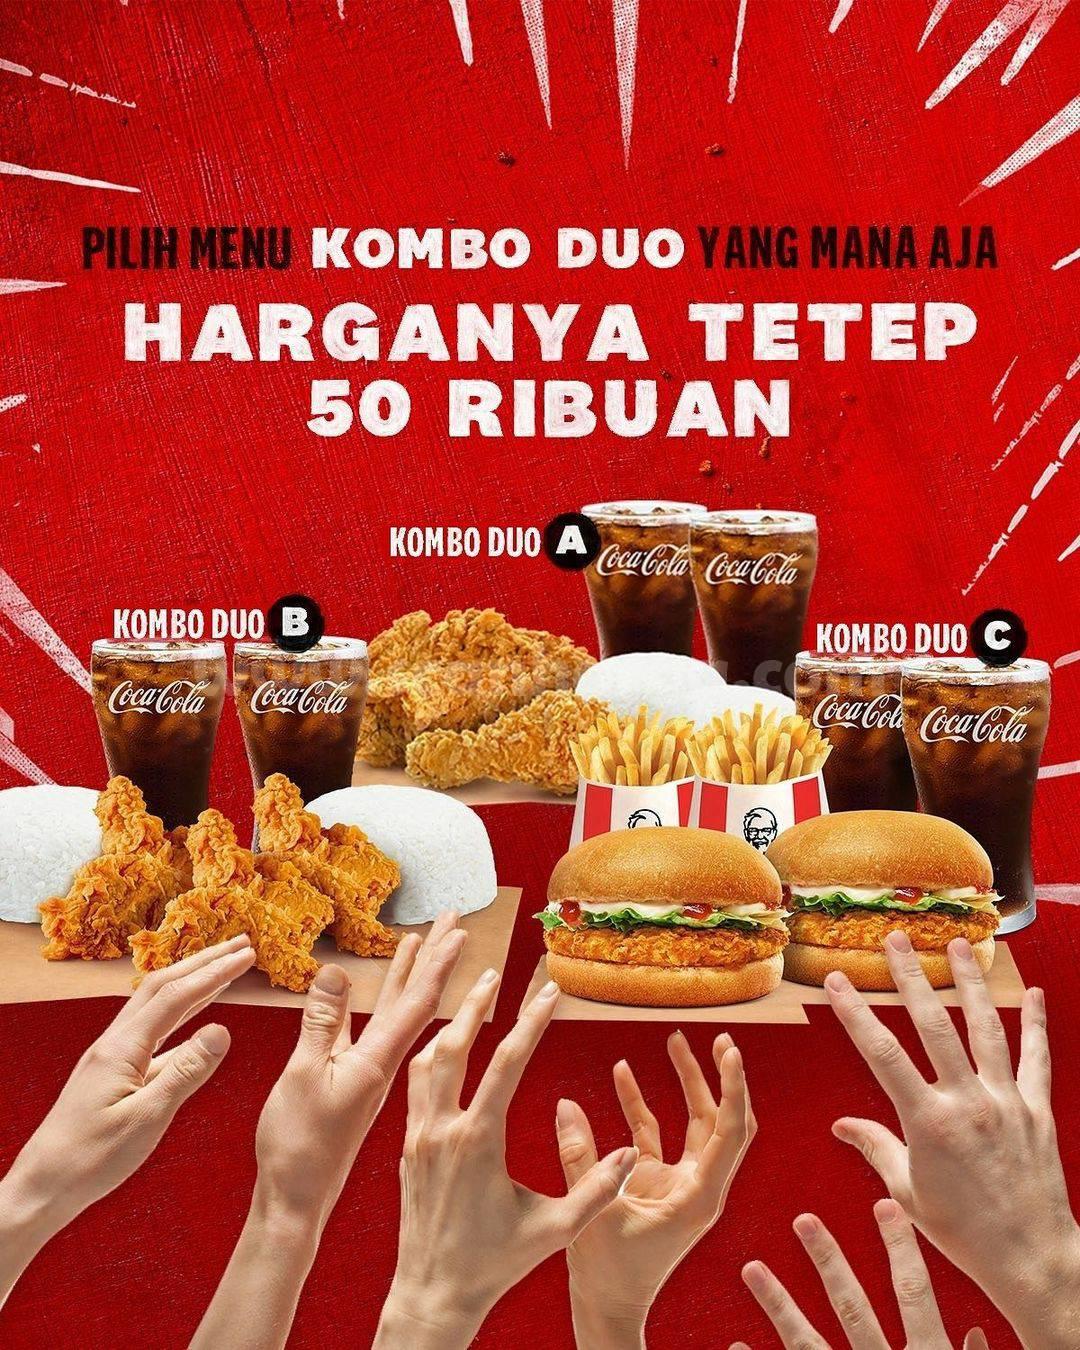 KFC Kombo Duo Pilih Menu Yang Mana Aja! Harganya Tetep 50 Ribuan